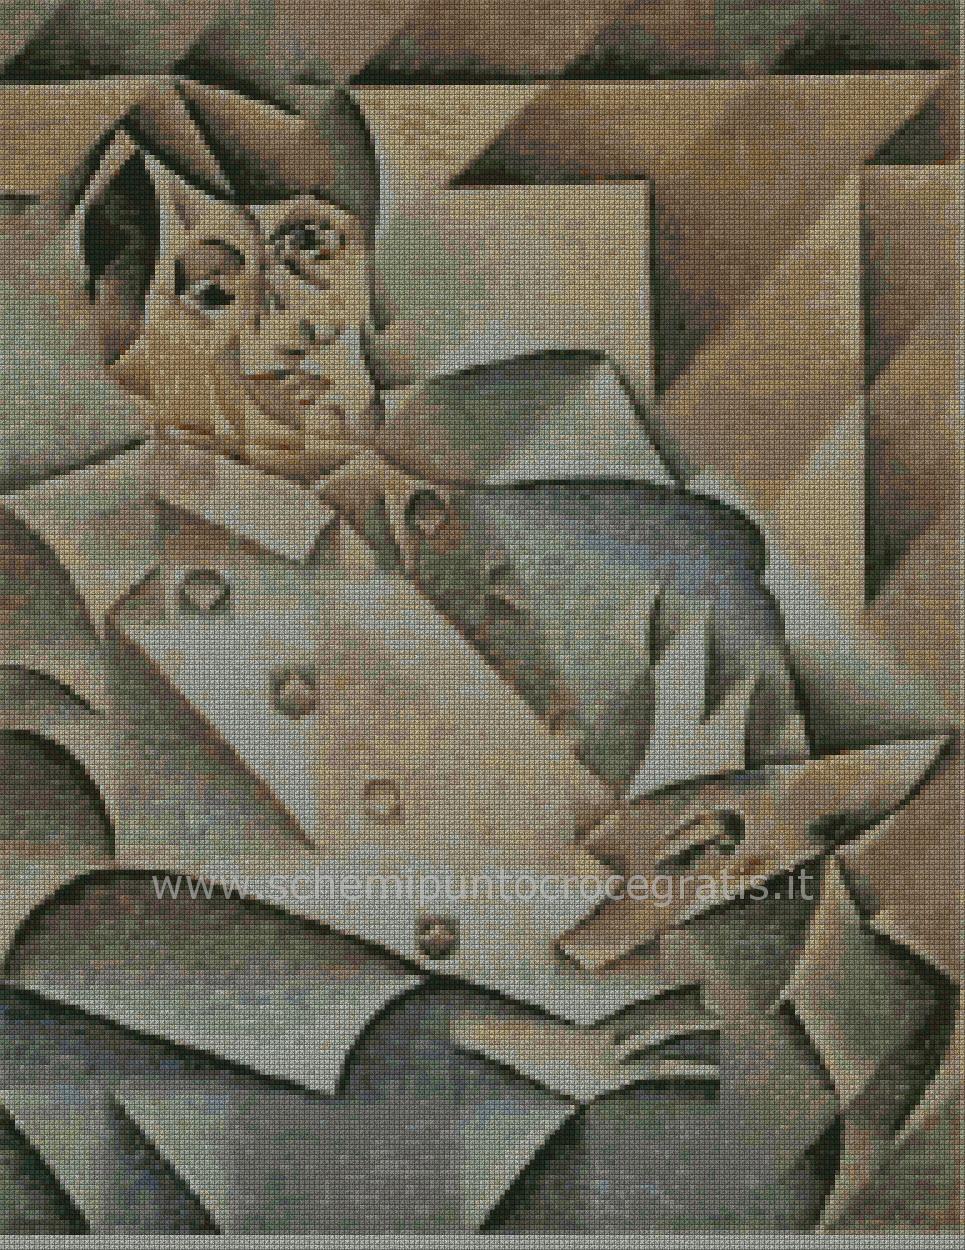 pittori_moderni/picasso/Picasso25.jpg